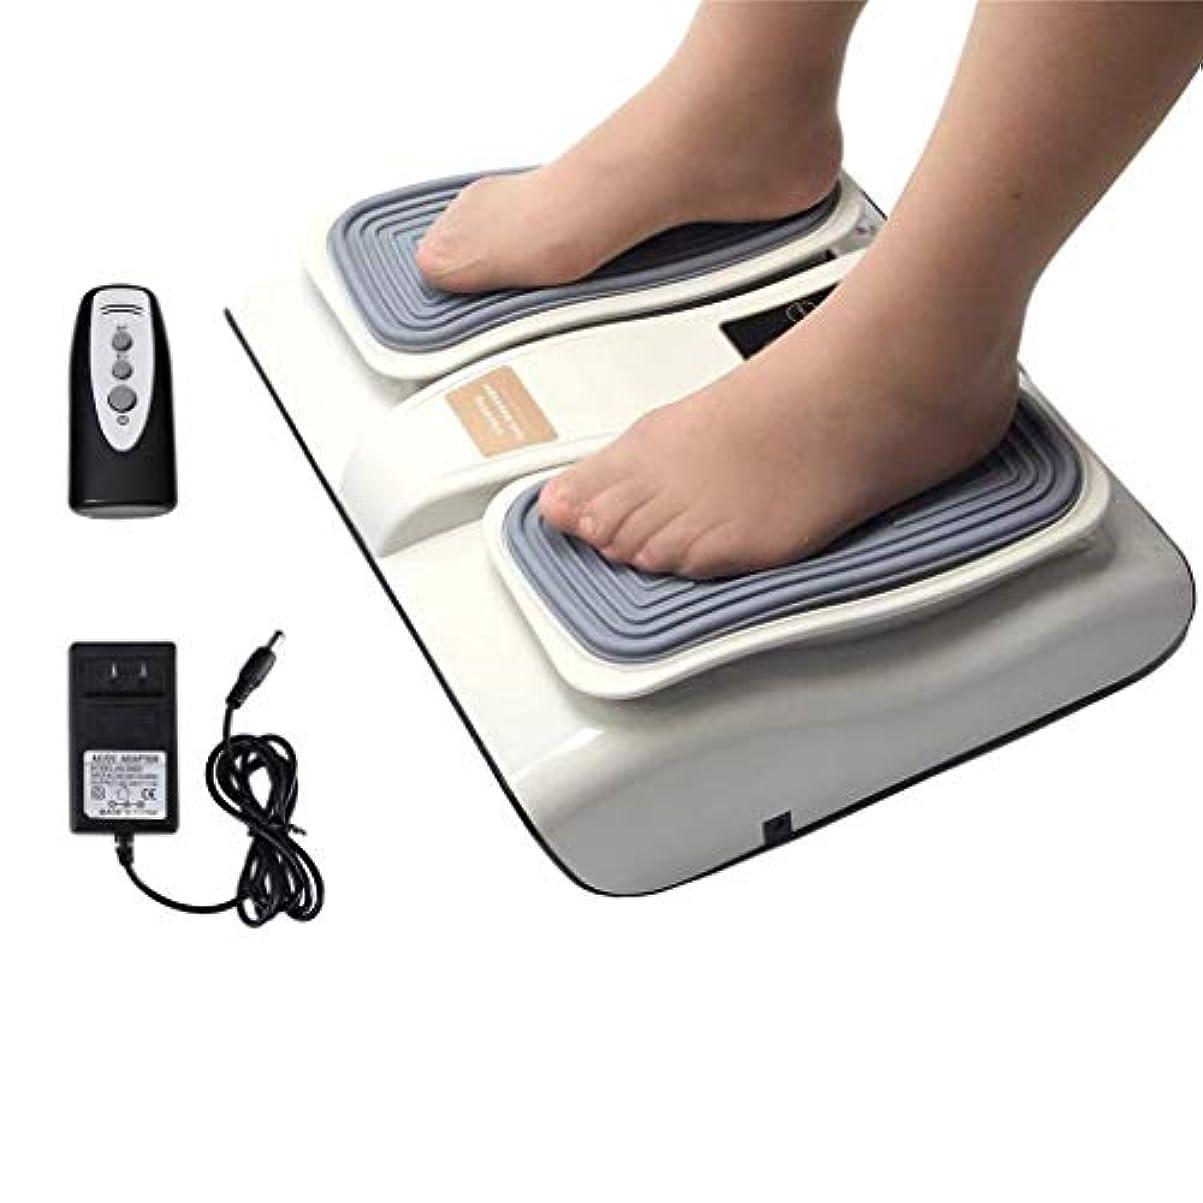 パッド視聴者流行フットマッサージャー、血液循環を促進し、足底筋膜炎を緩和するための電動足Footみマッサージ療法装置